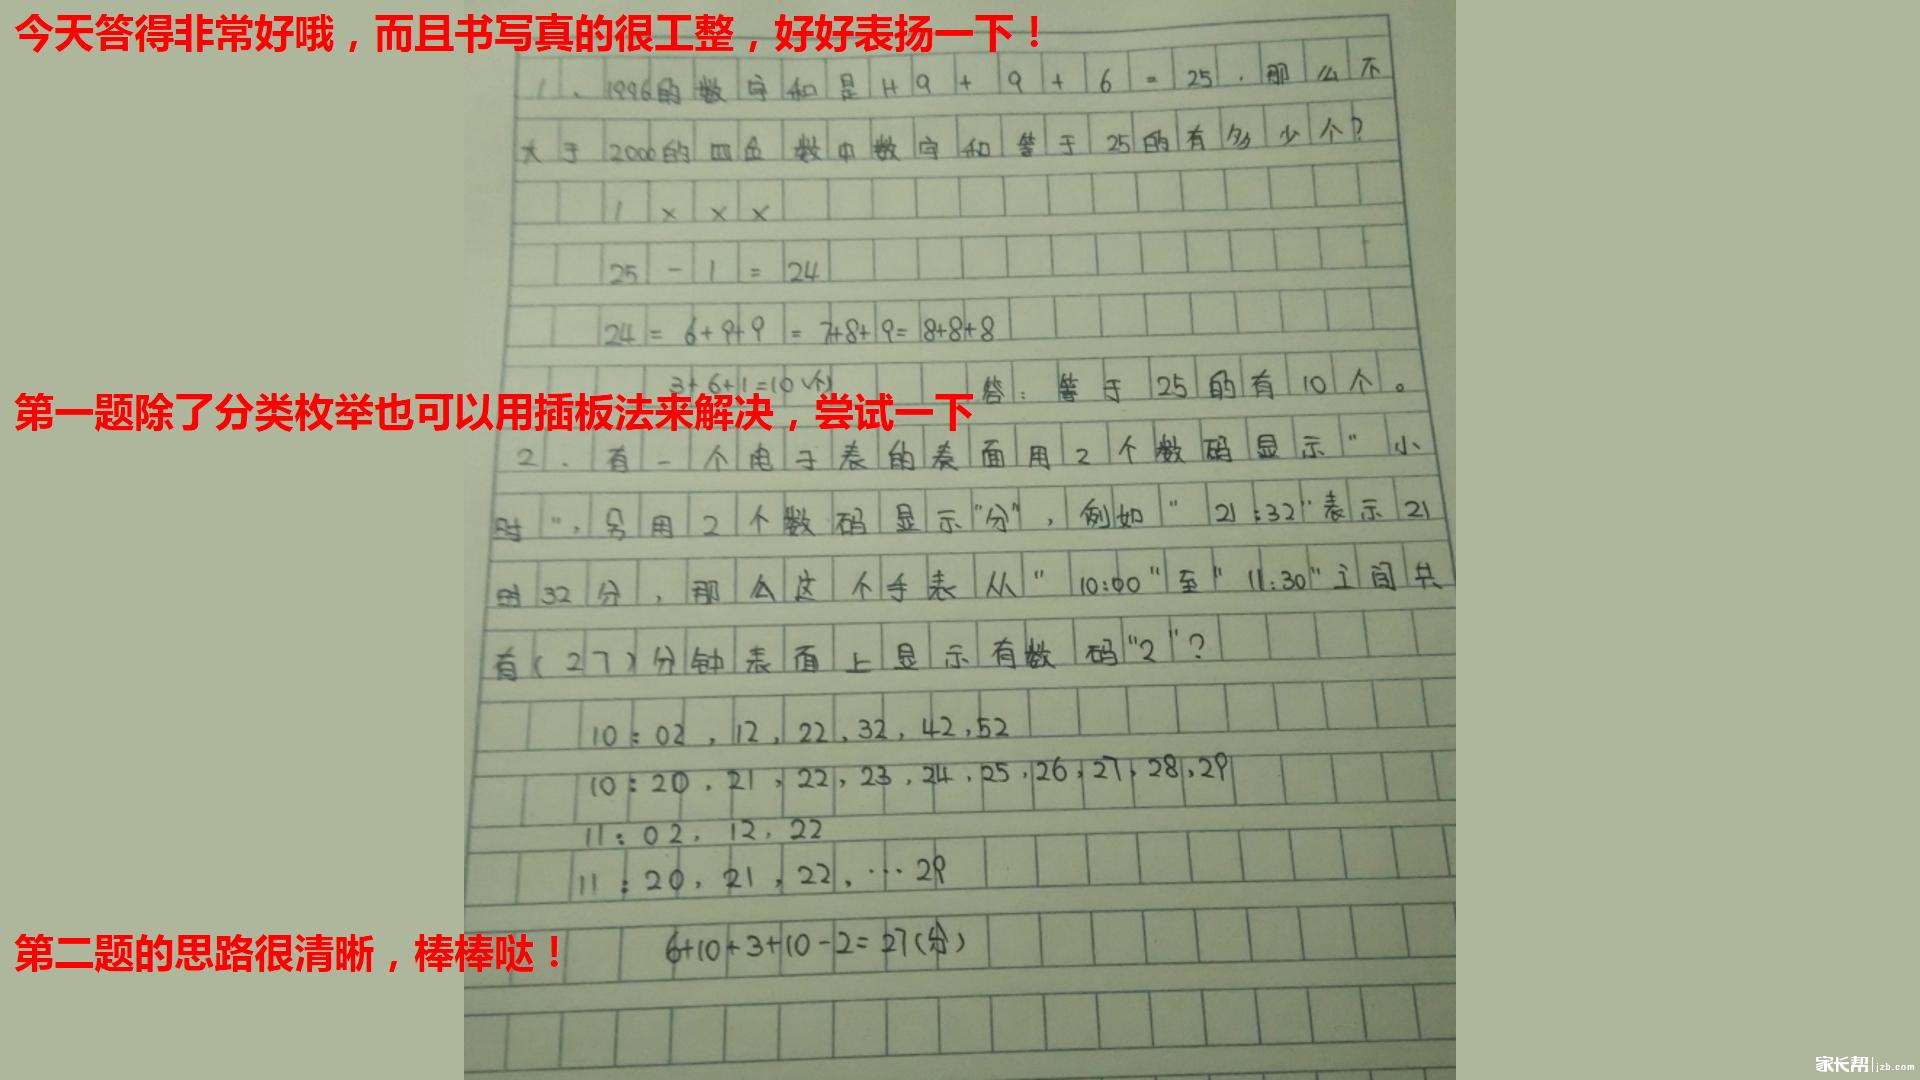 姜昕悦161216批改.png